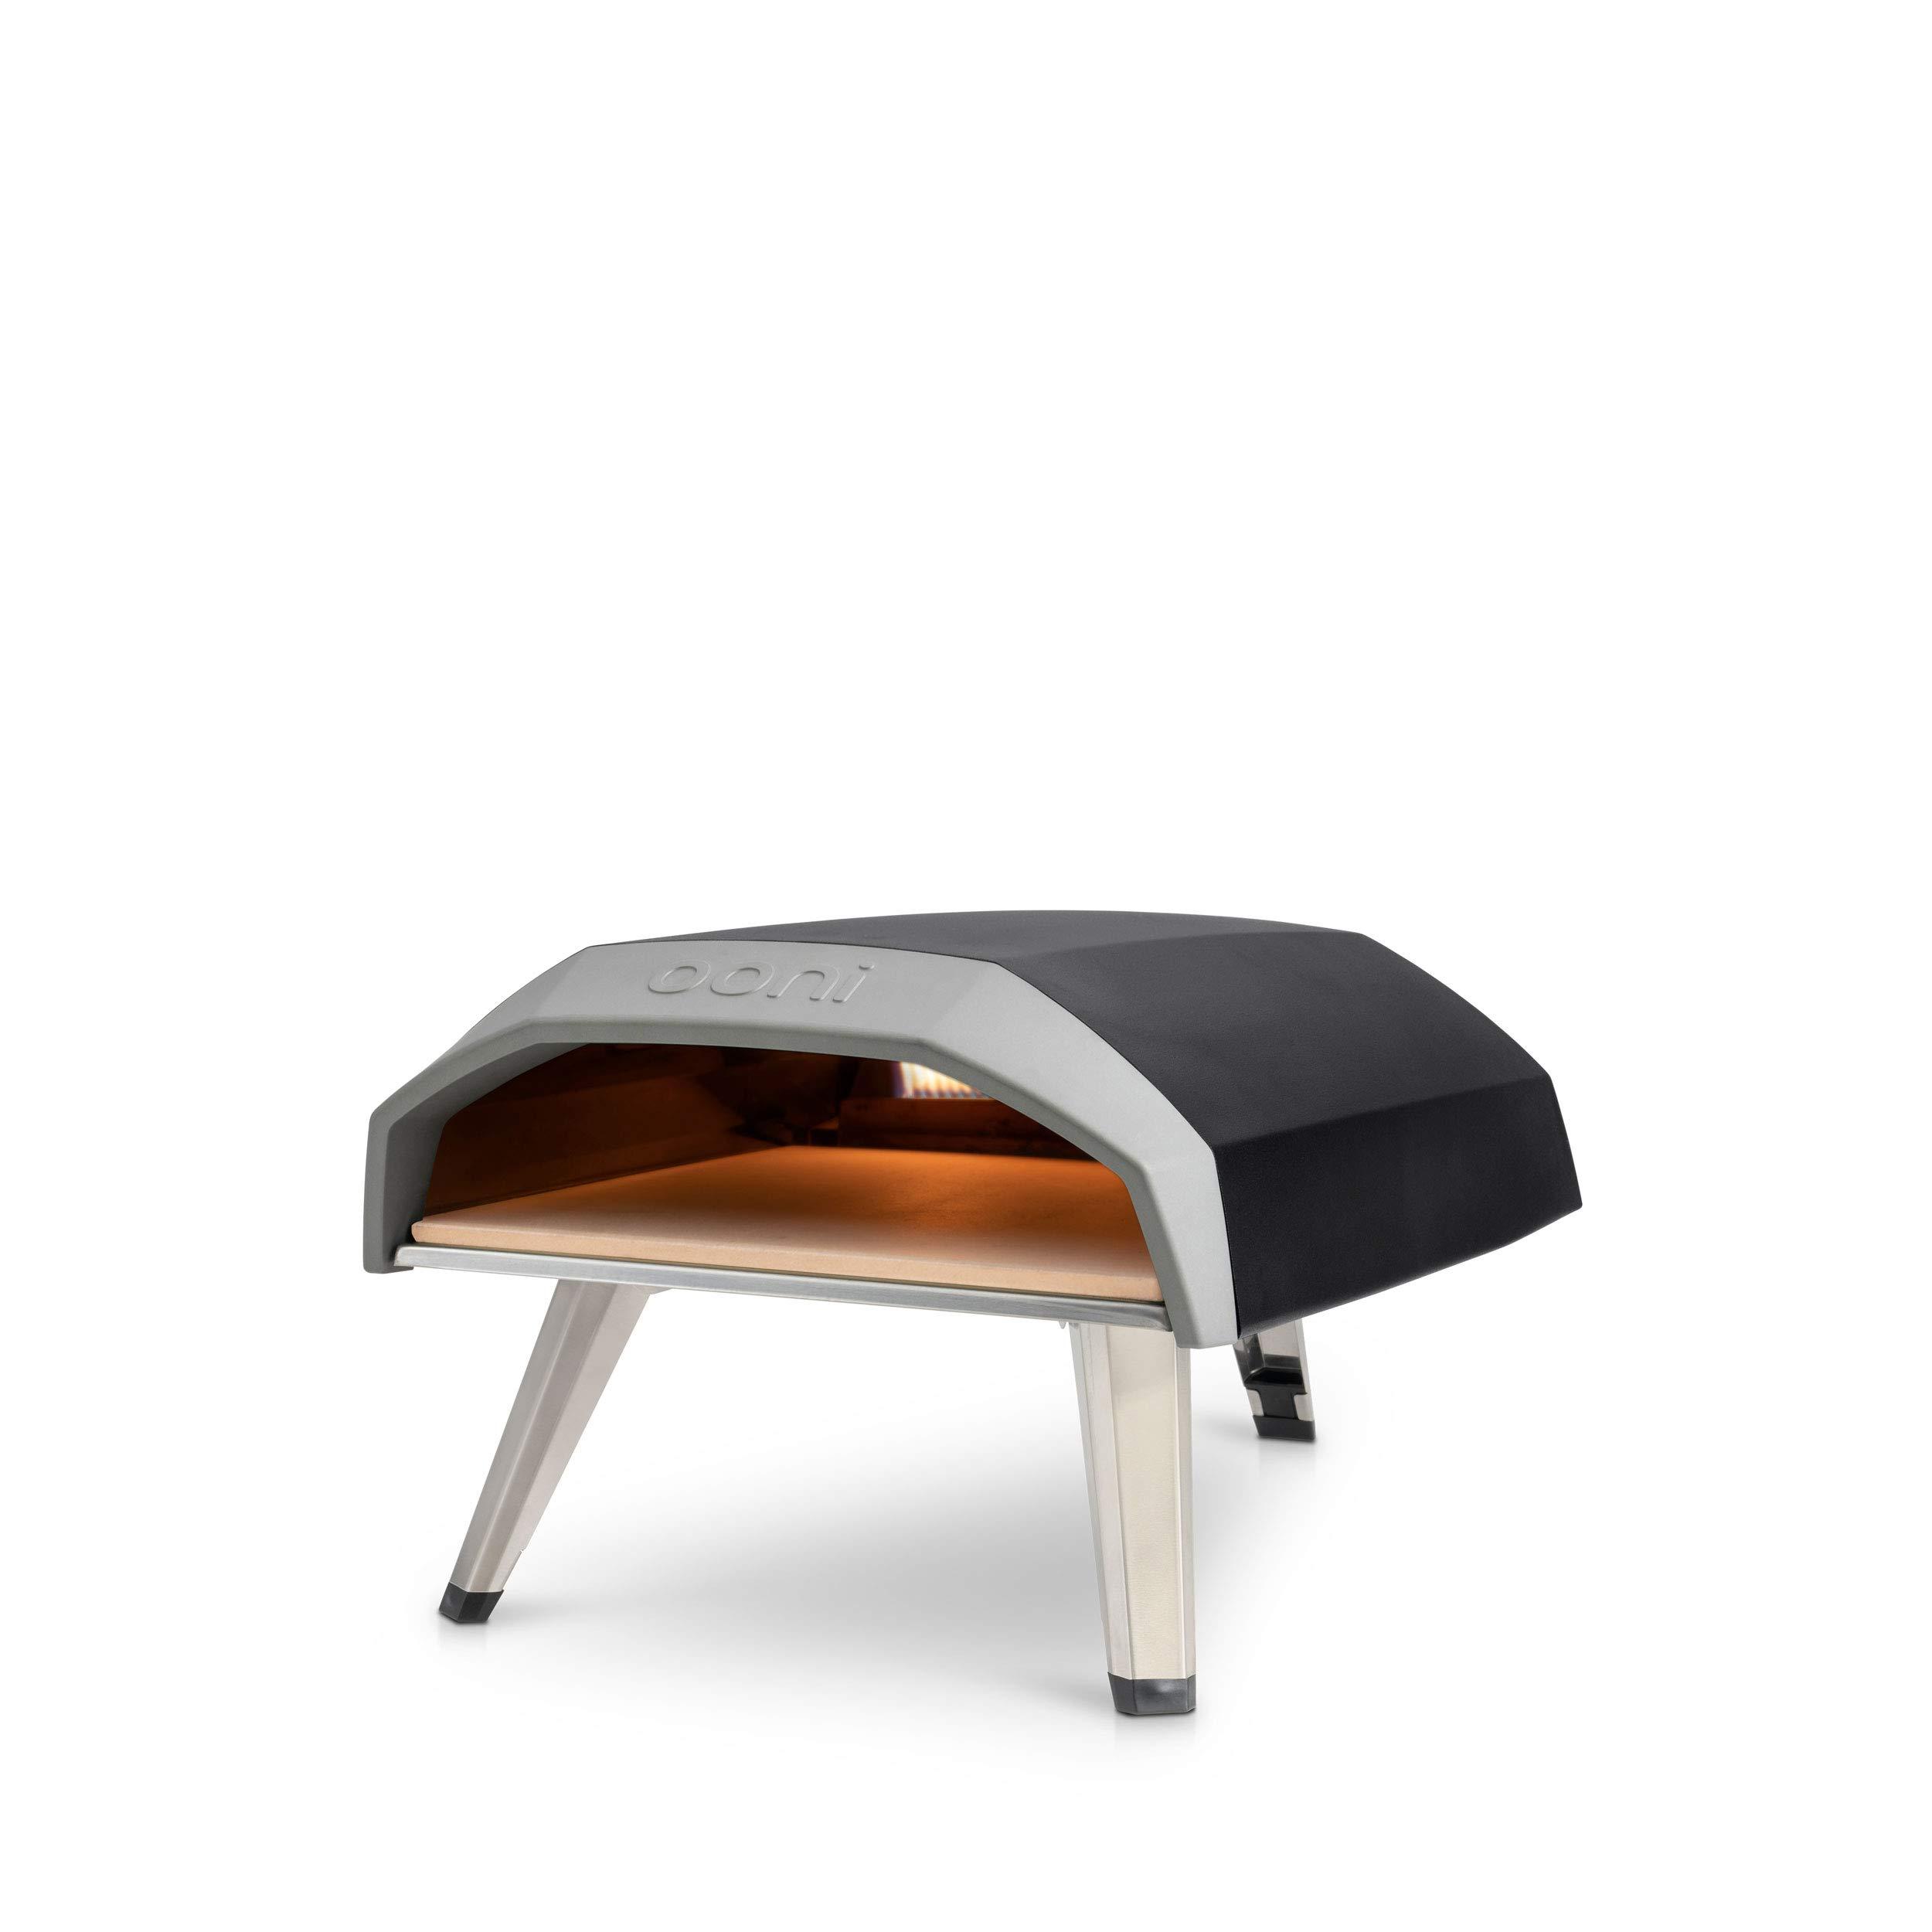 Ooni Koda Gas-Powered Outdoor - Horno para pizza: Amazon.es: Grandes electrodomésticos